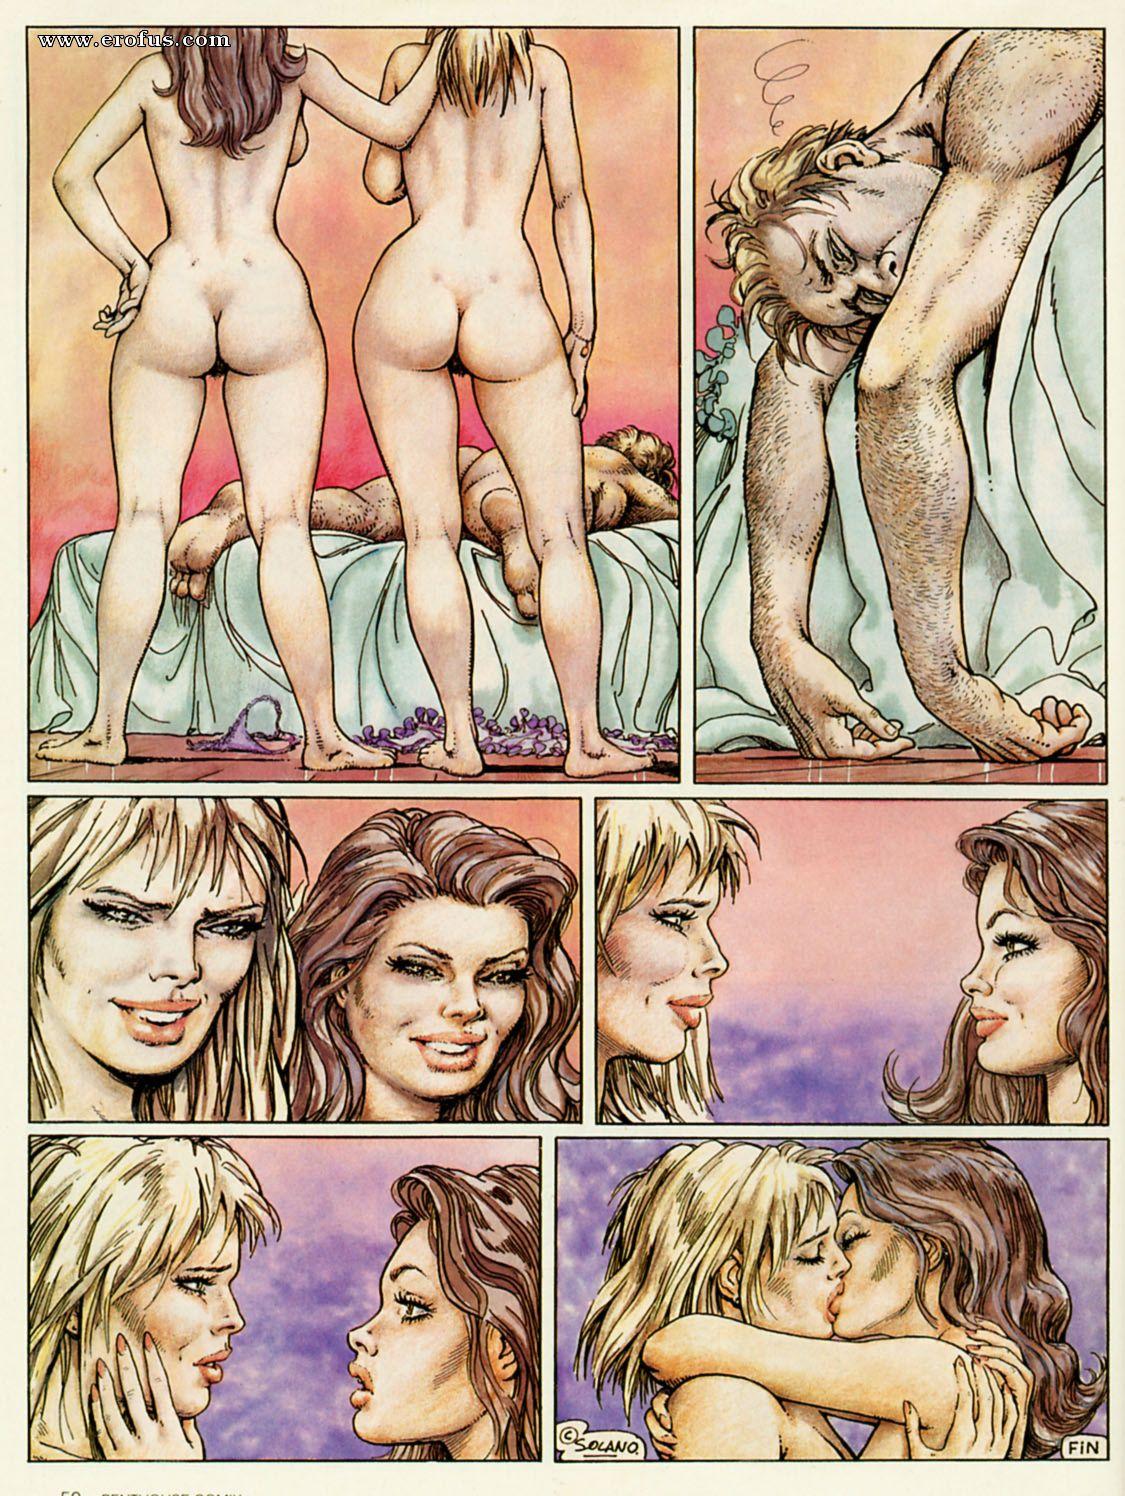 Erotic comics site